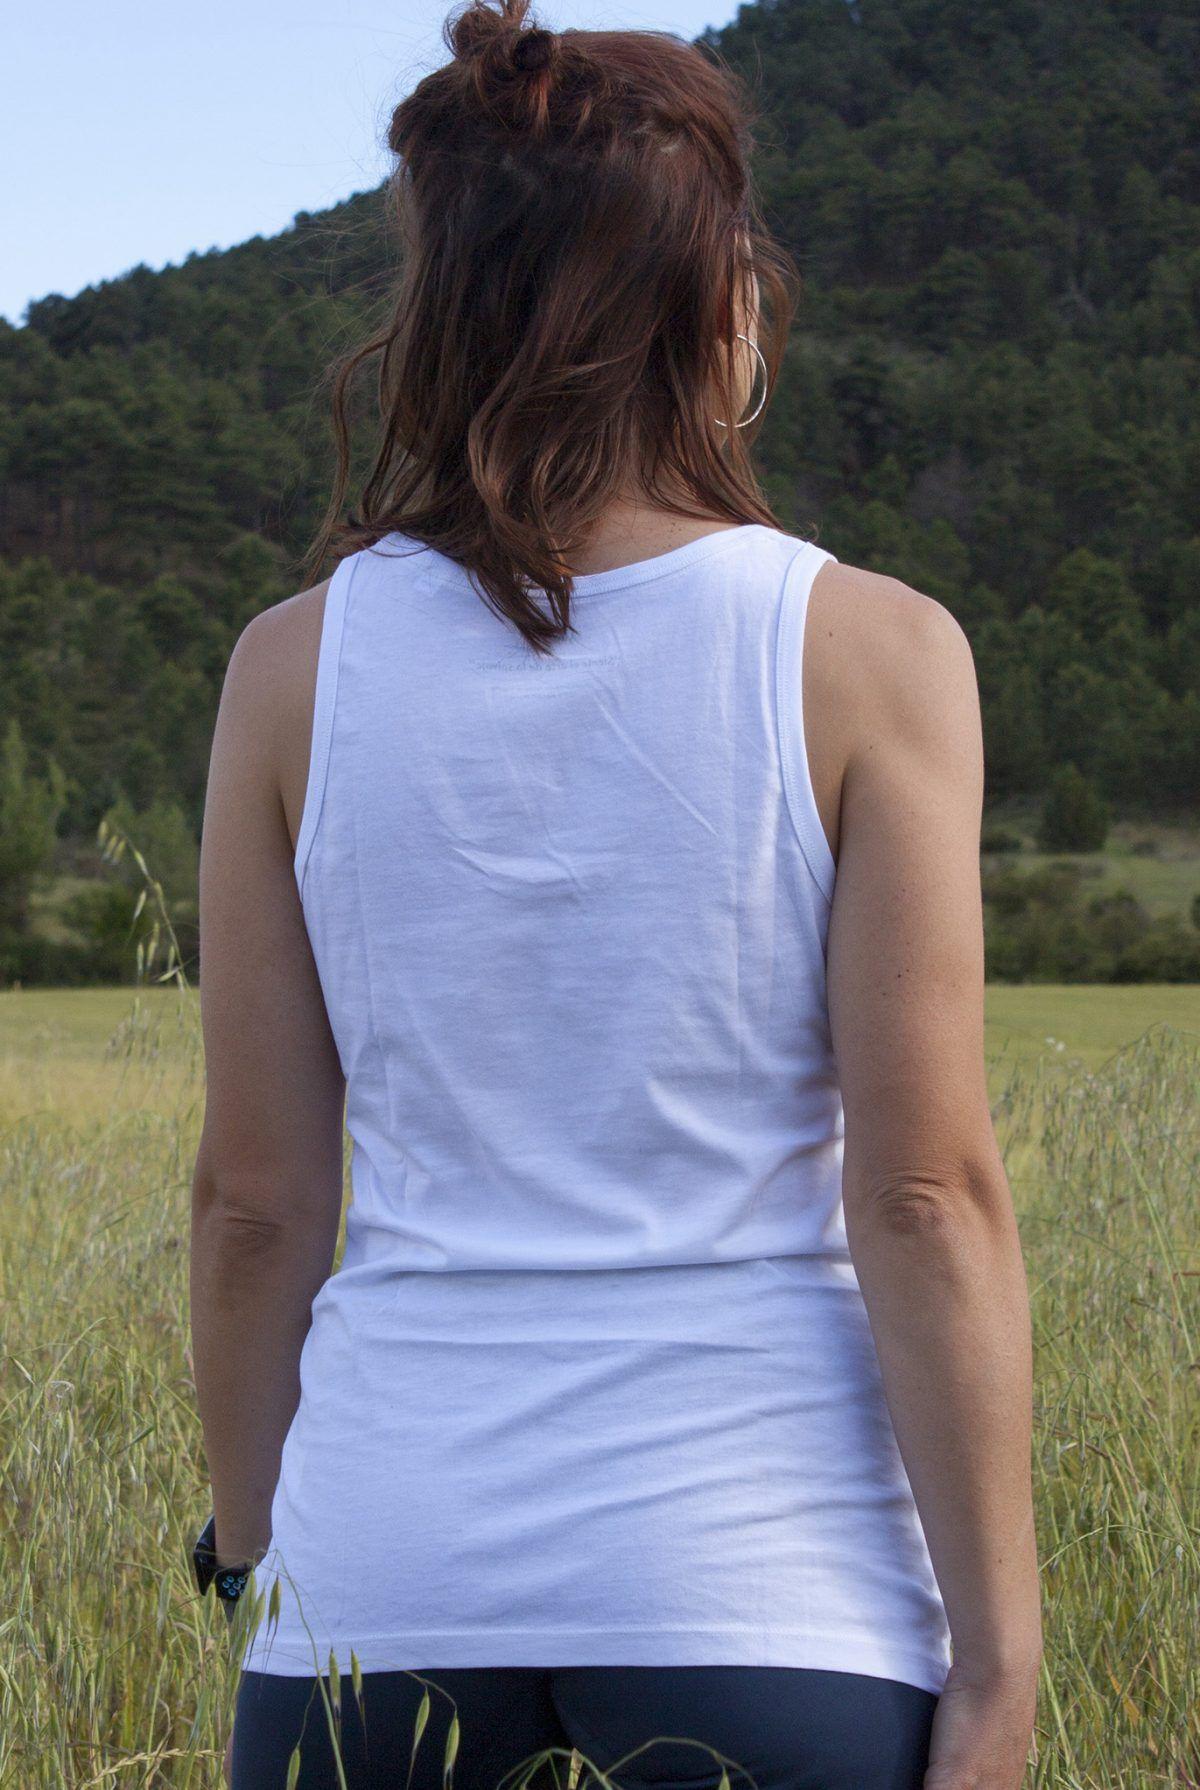 camiseta-furgoneta vw-algodon organico-sirem wild-moda etica sostenible-mujer tirantes espalda